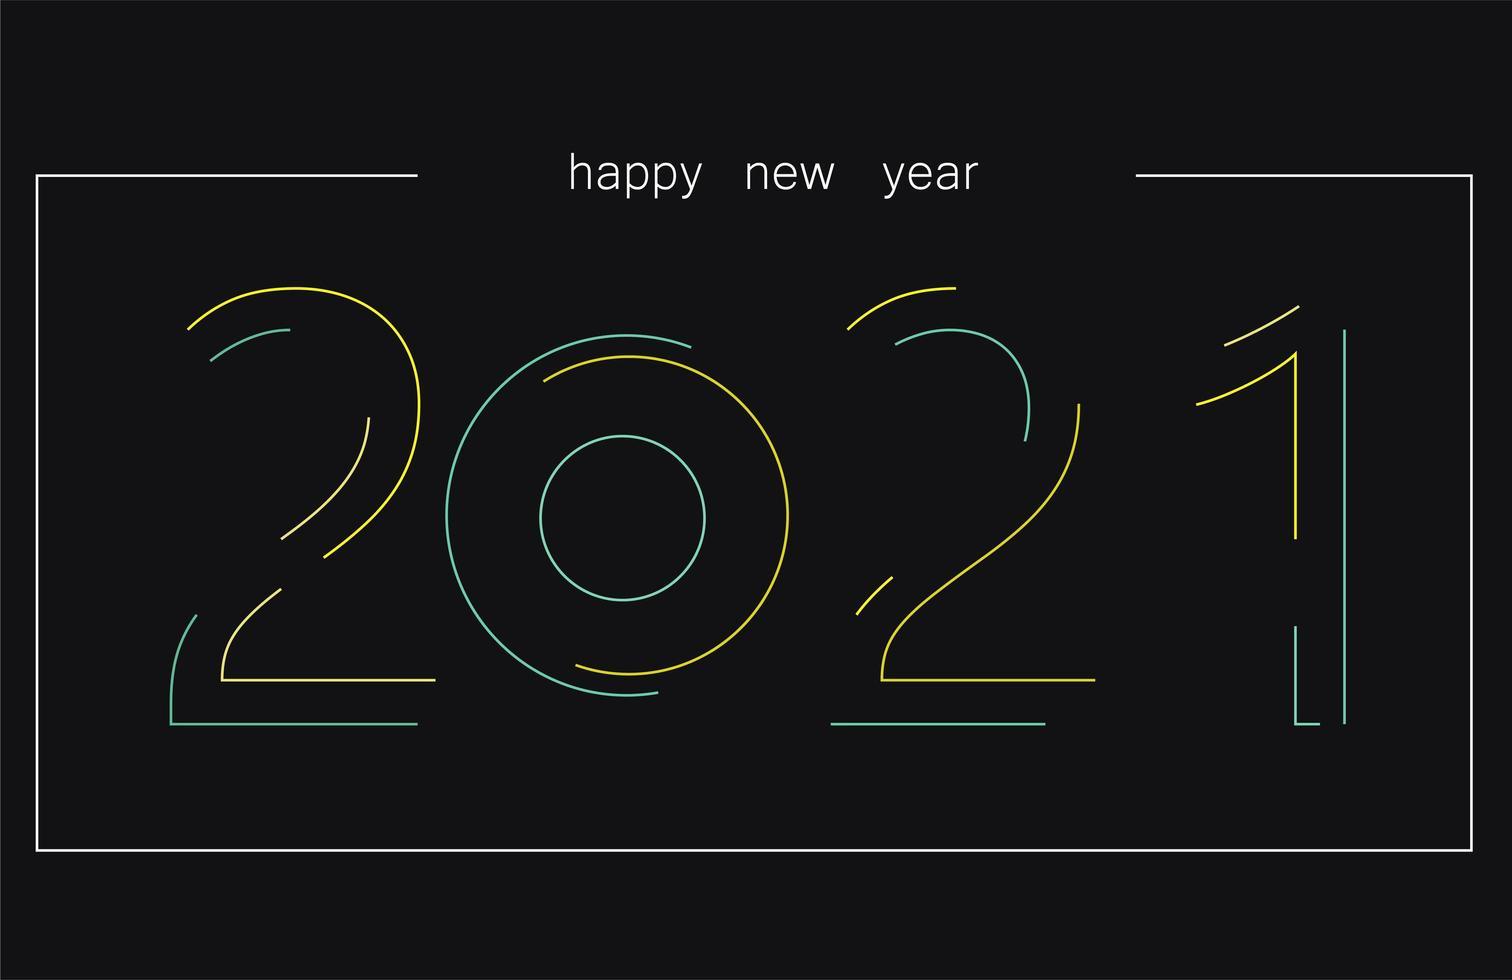 2021 Neonstil Text vektor